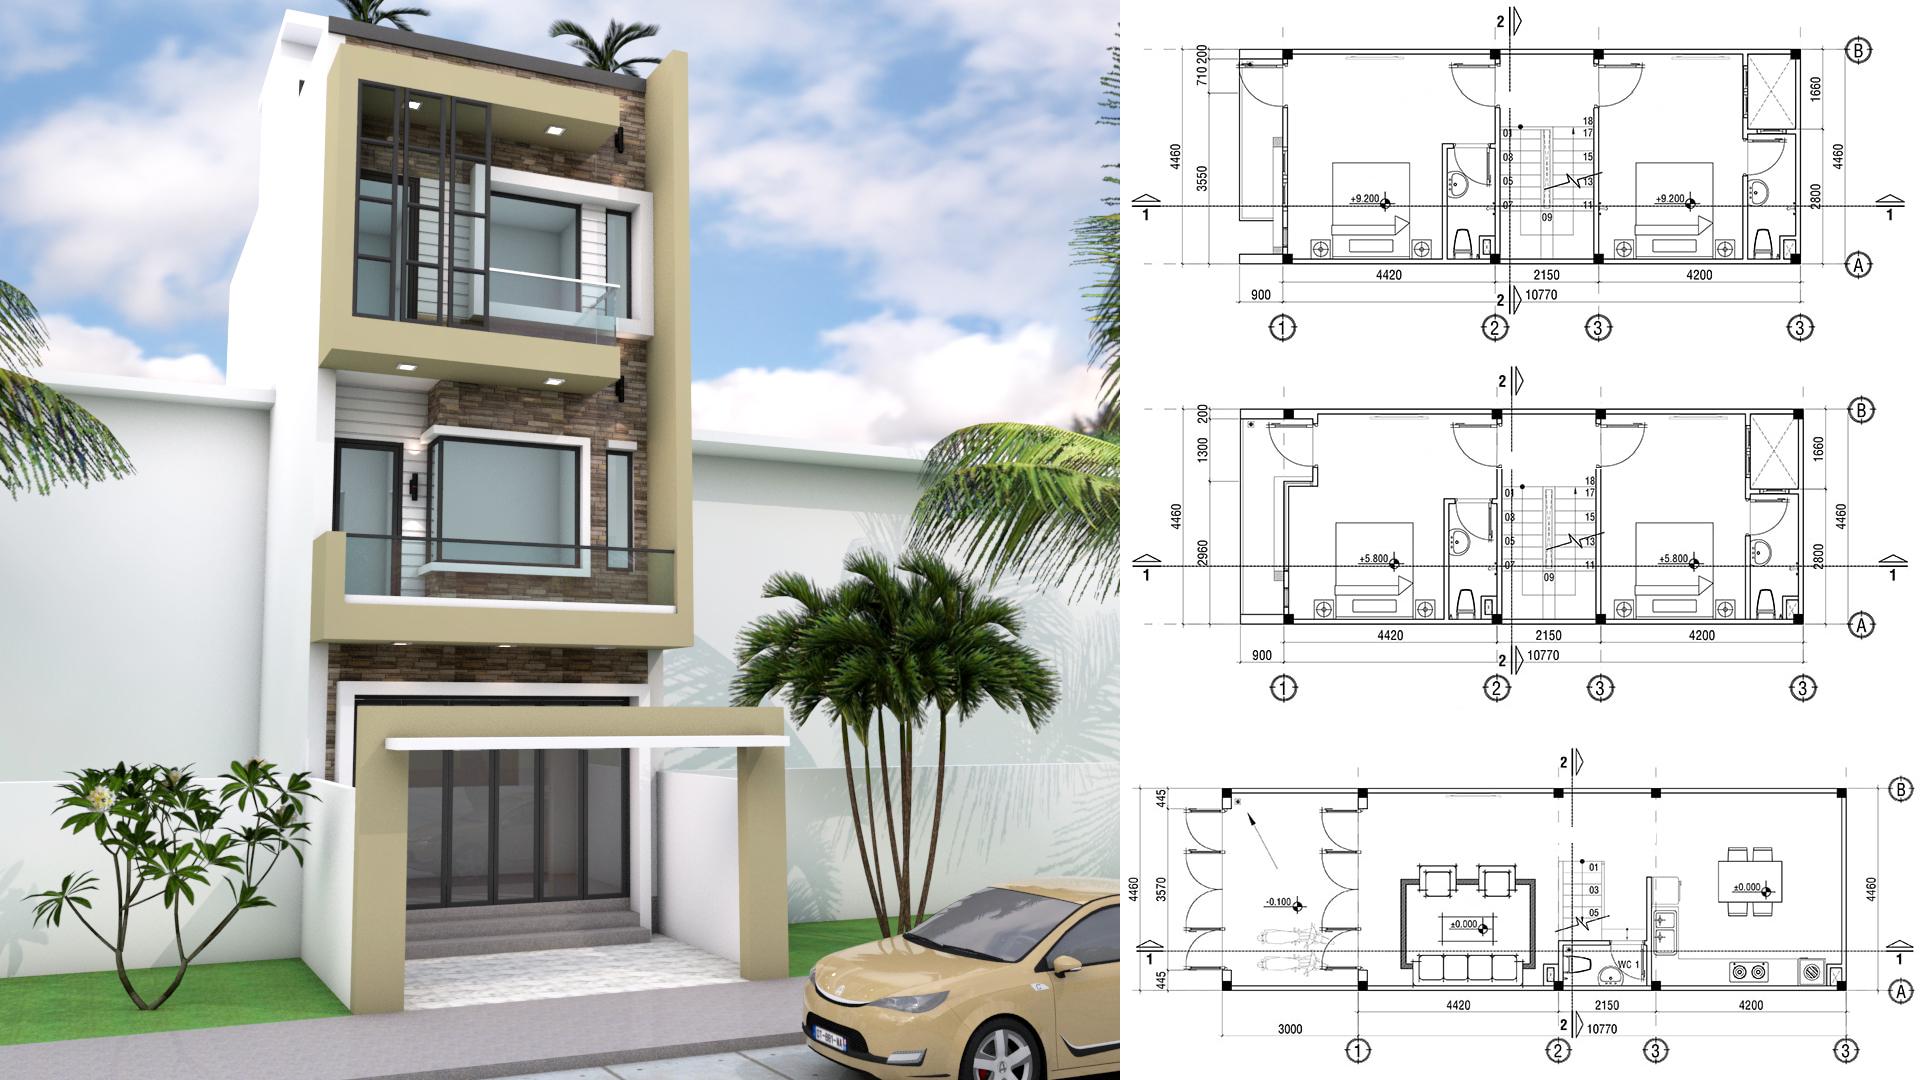 4.5x11m Narrow Home Lot Design - Sam Phoas Home